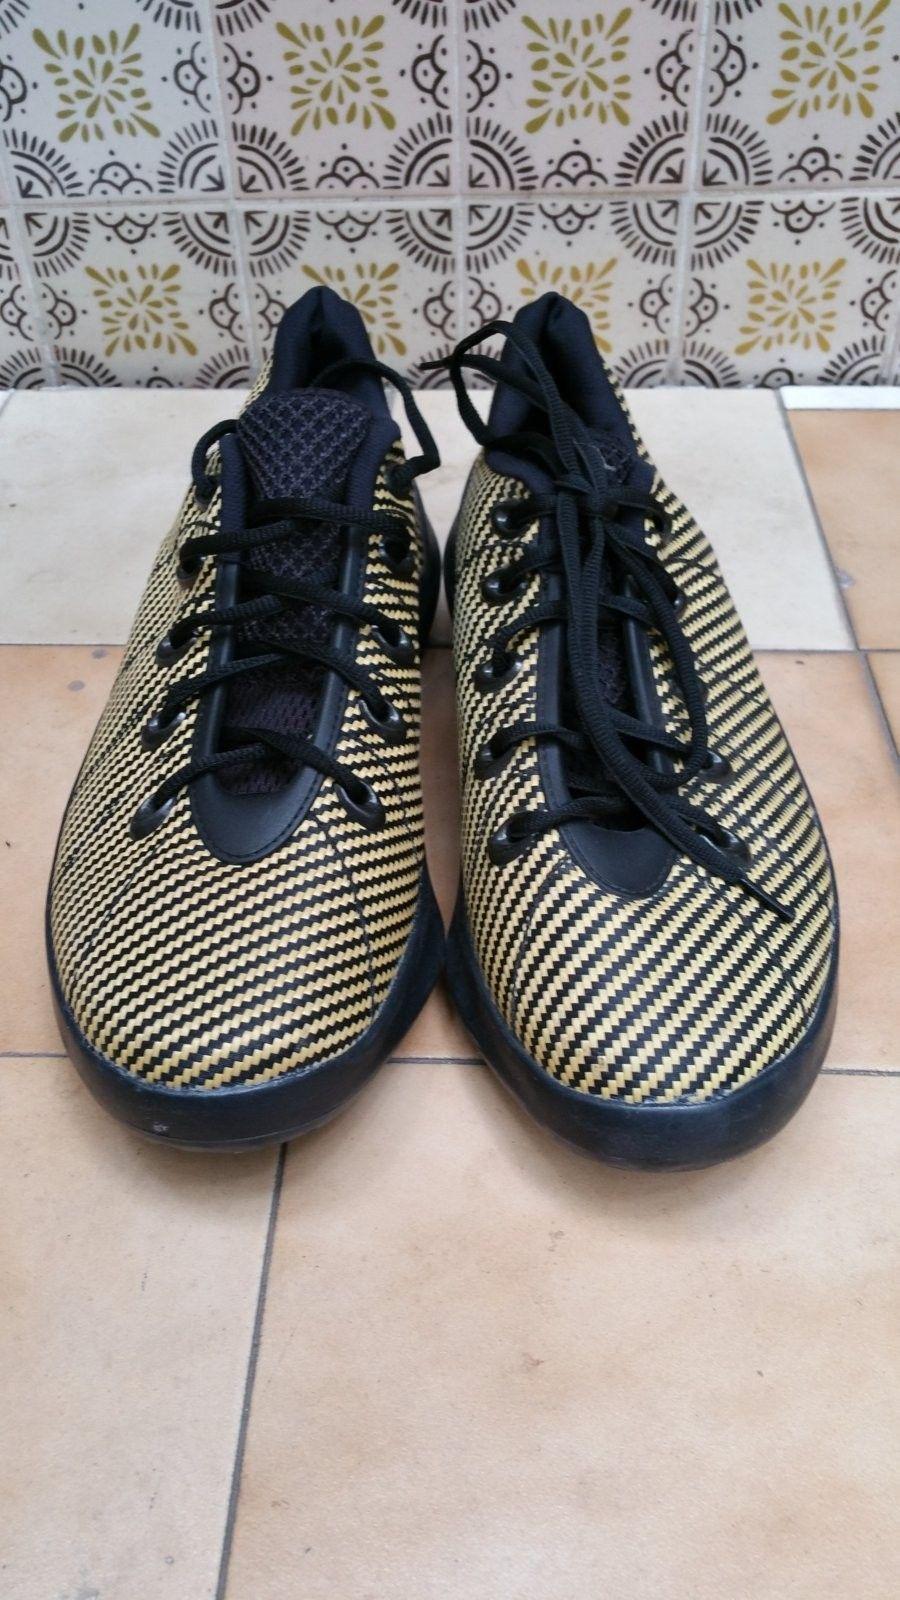 Oakley shoe one 11us size - 20160429_094841.jpg